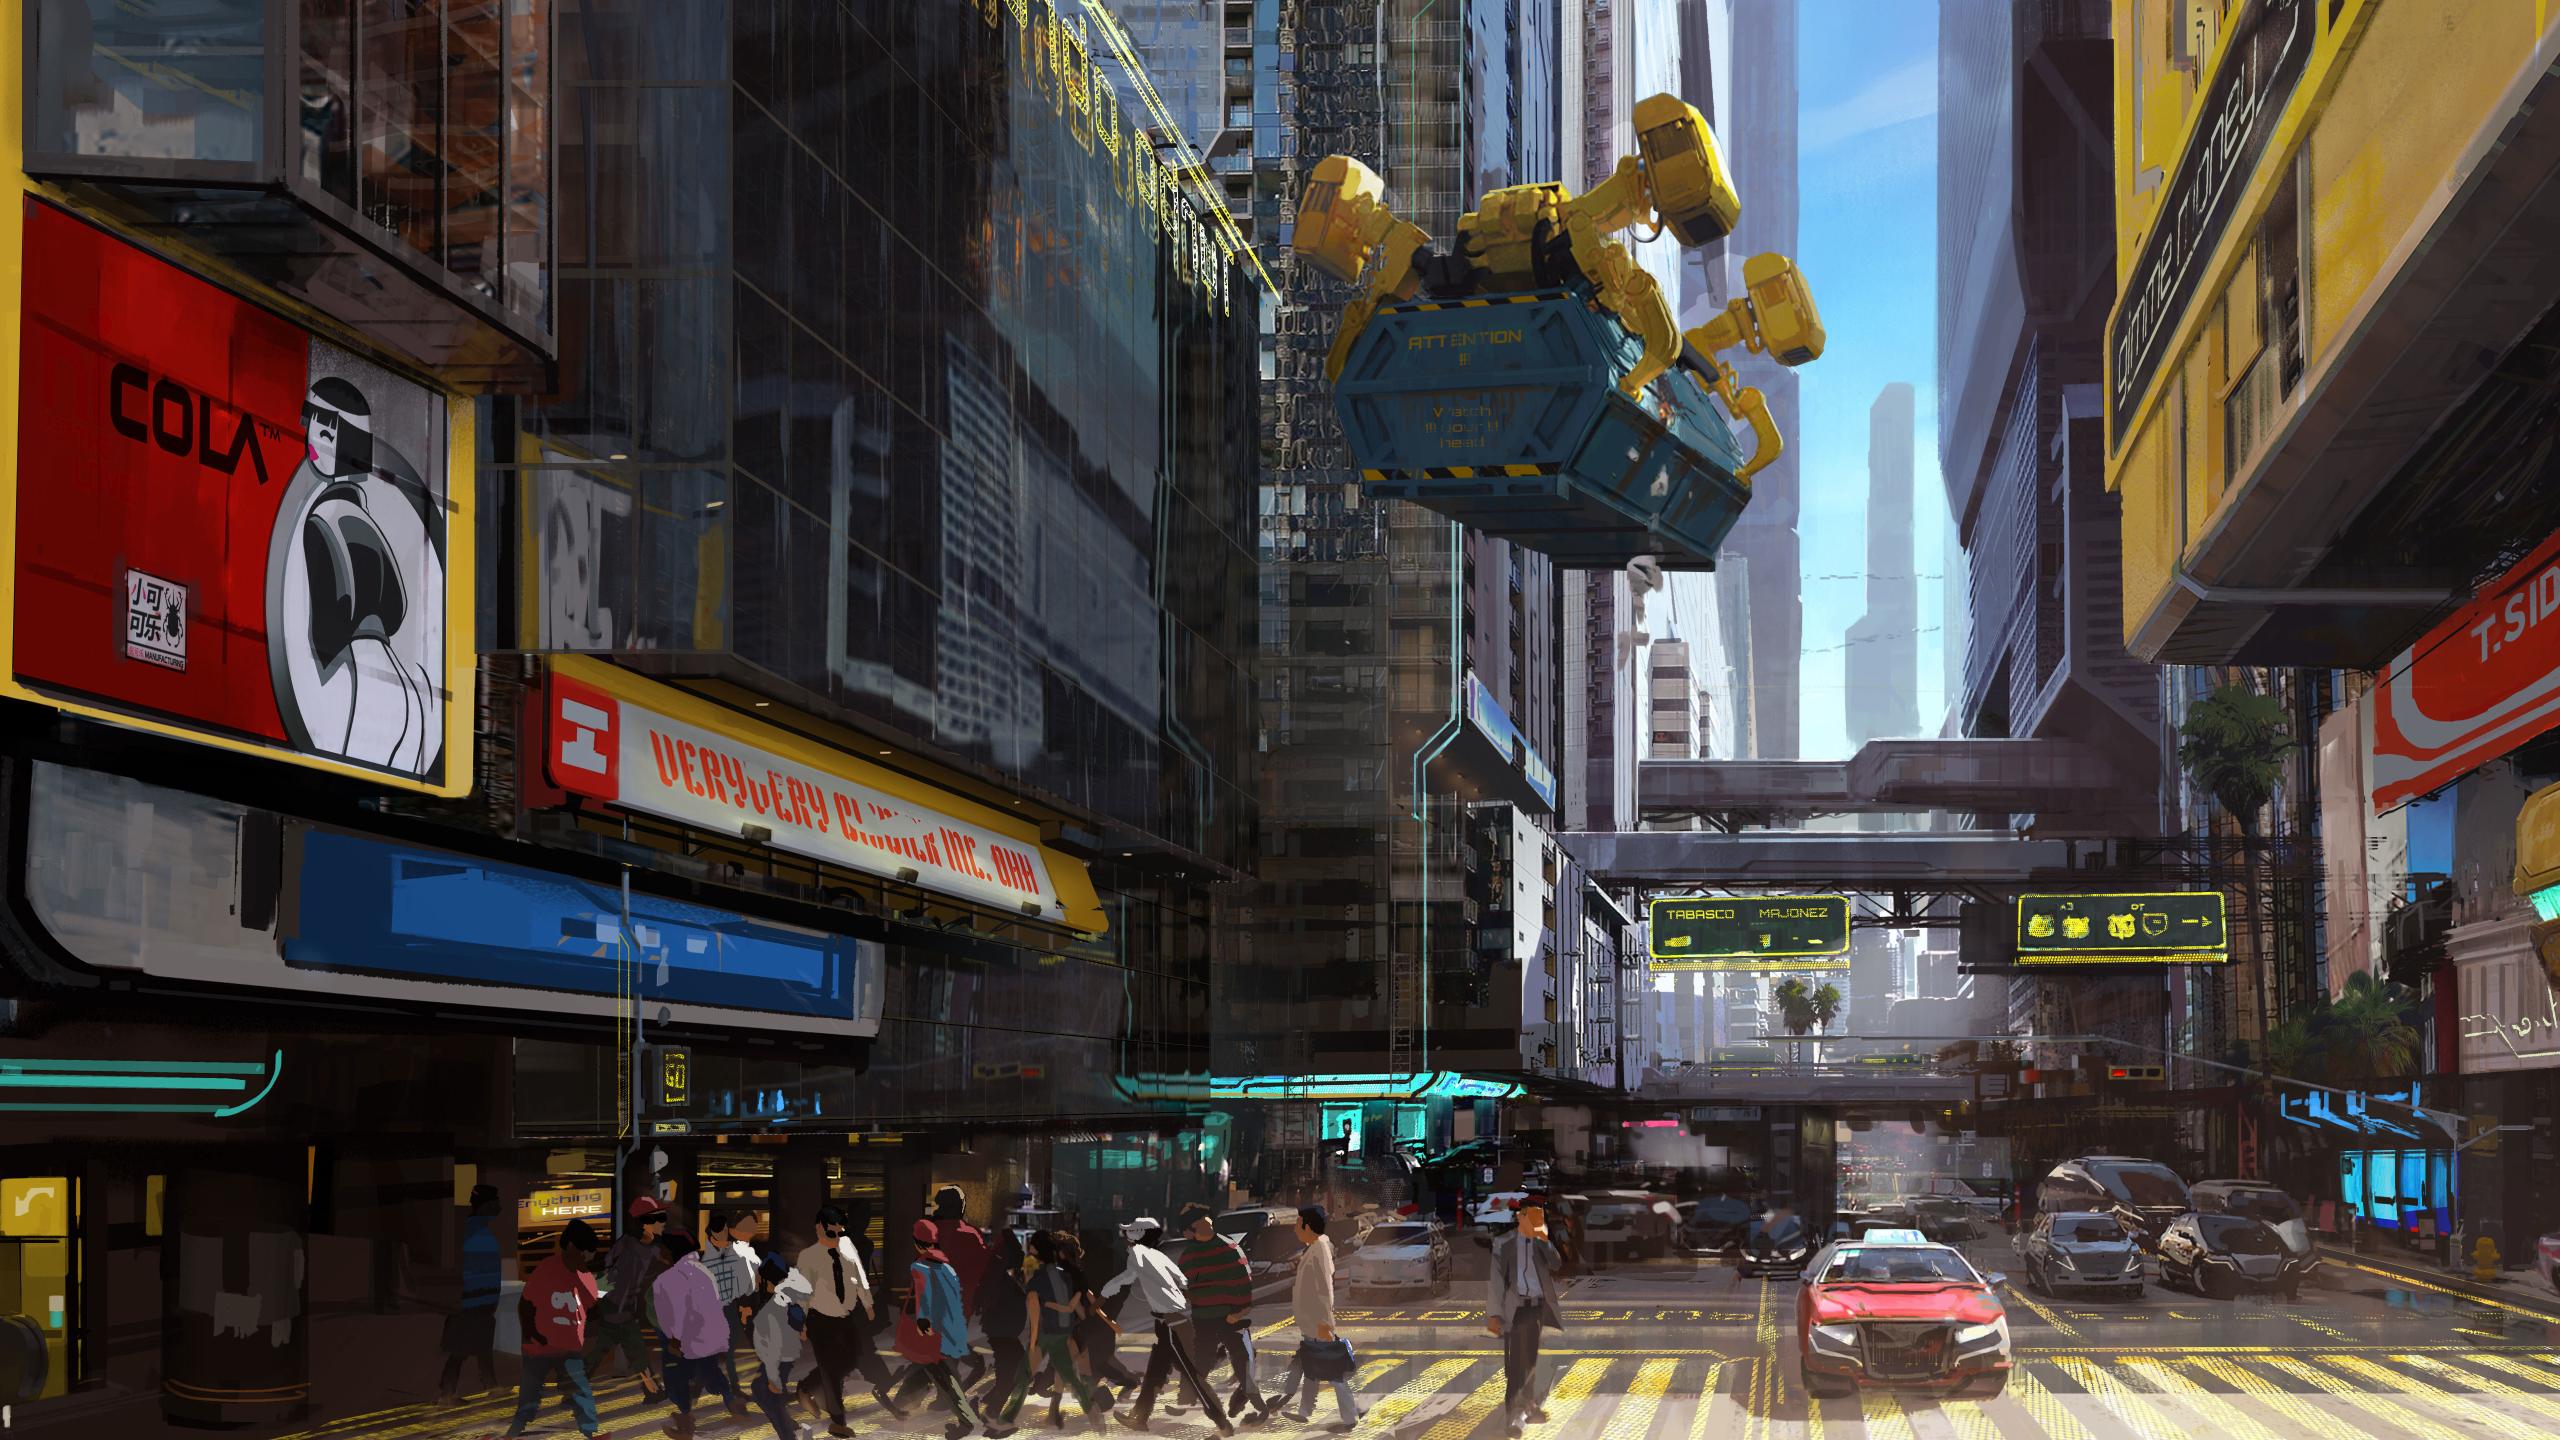 2560x1440 Cyberpunk 2077 City Concept Art 1440P Resolution ...